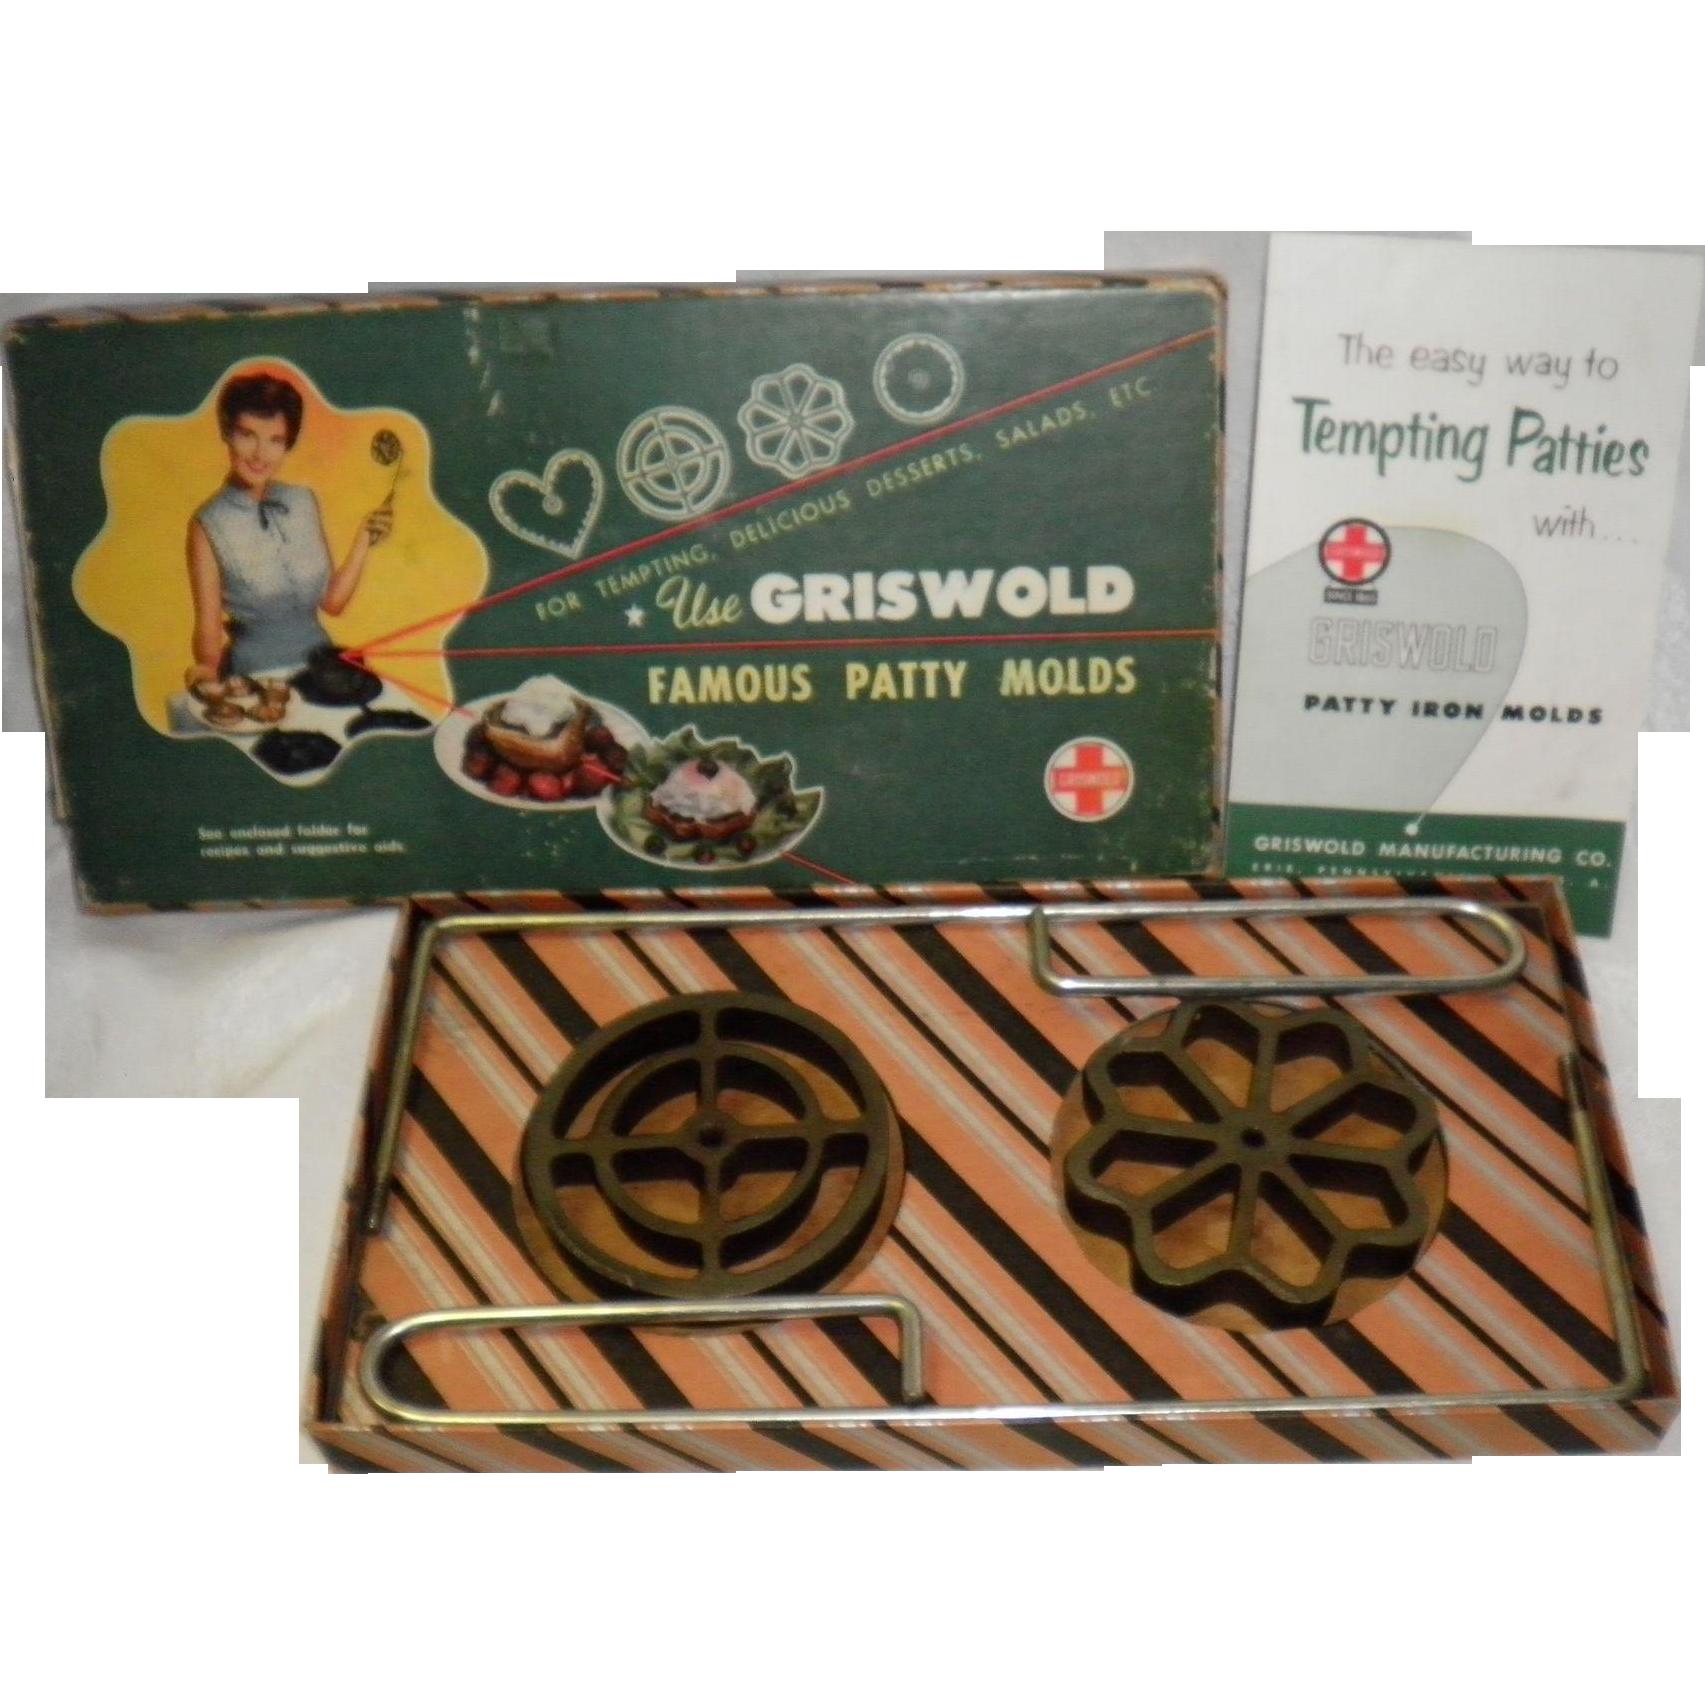 Vintage Griswold Cast Iron Patty Molds Set #1, Original Box, Rosette & Circle